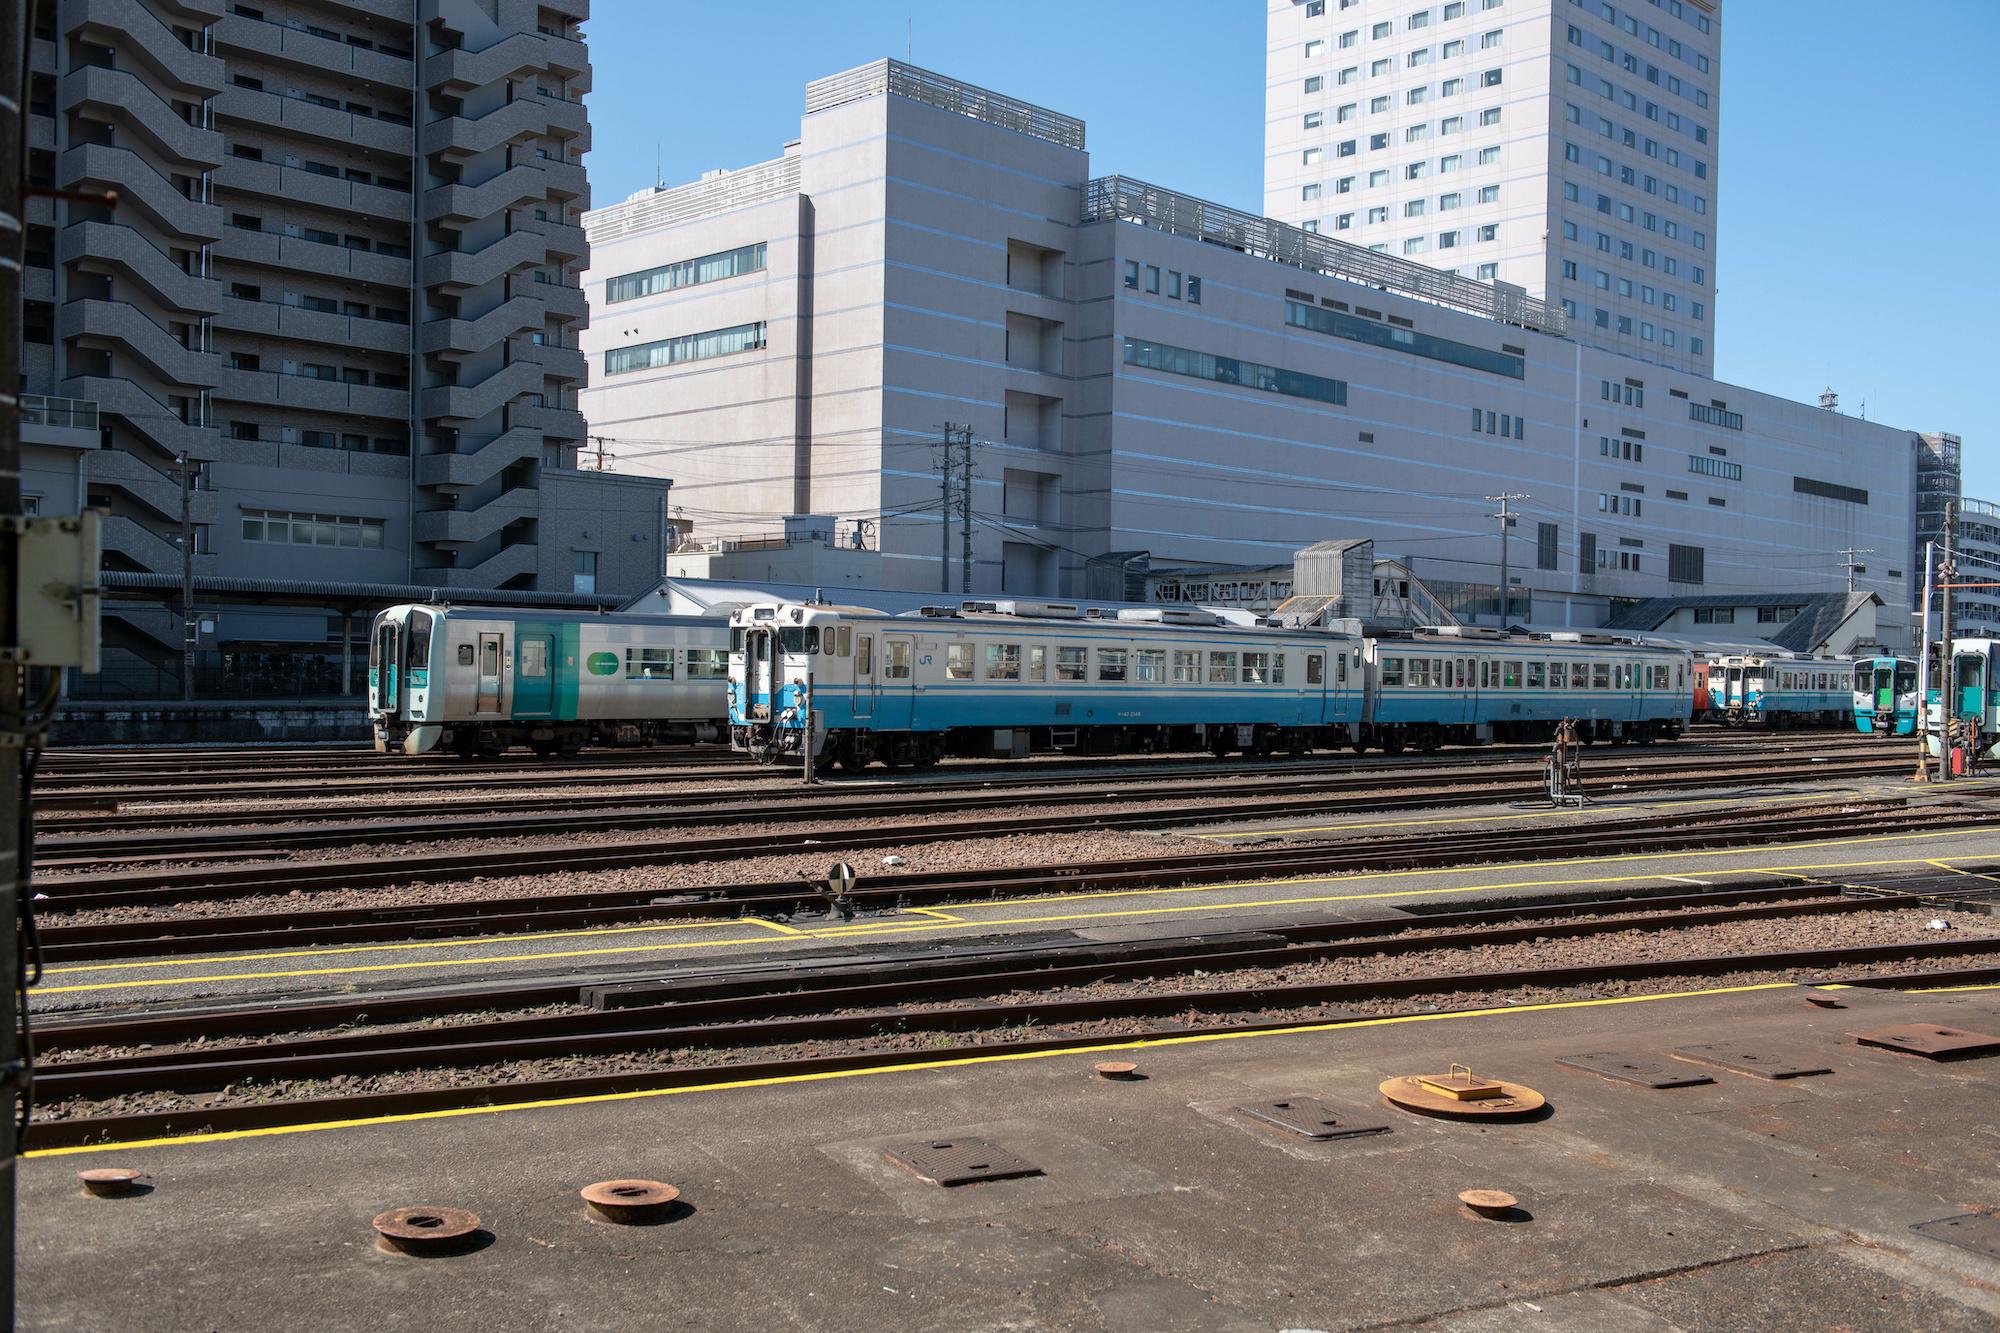 転勤で徳島へ来られる方へ。今お住まいの地域と徳島の違いを知っておいてください♪